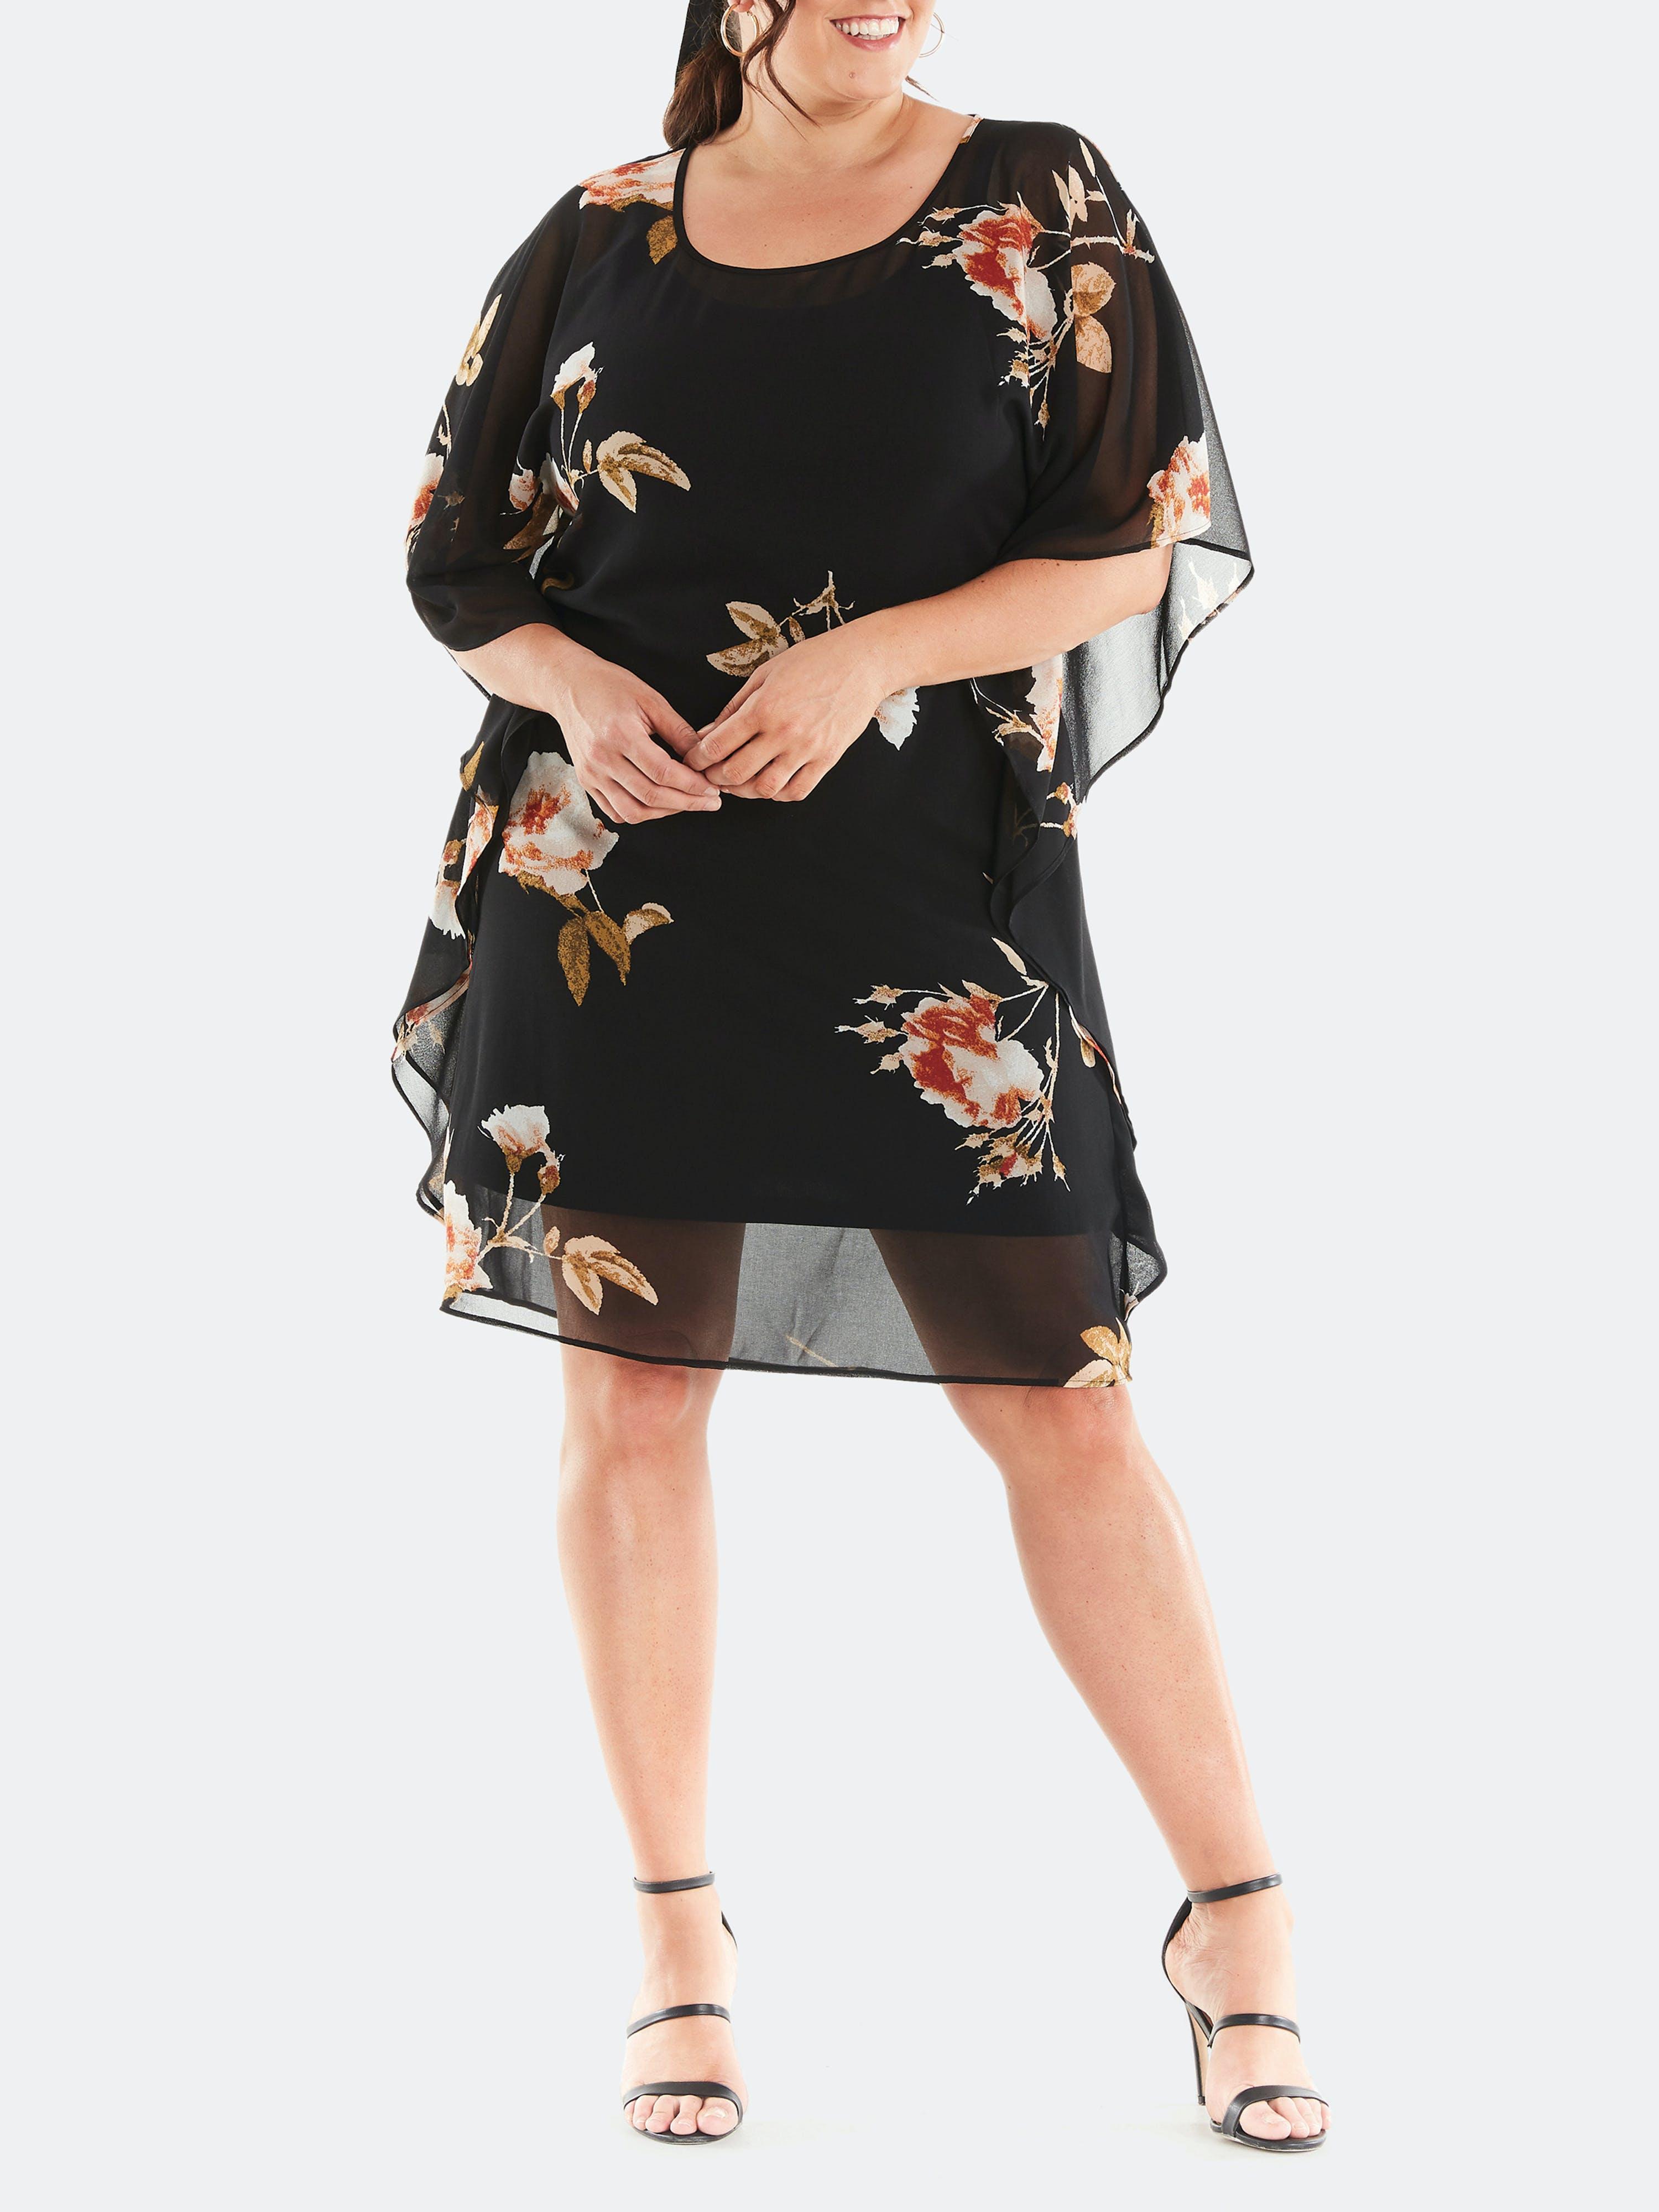 Estelle - Verified Partner Rose Garden Dress - 4X - Also in: 1X, 2X, 3X  - Black